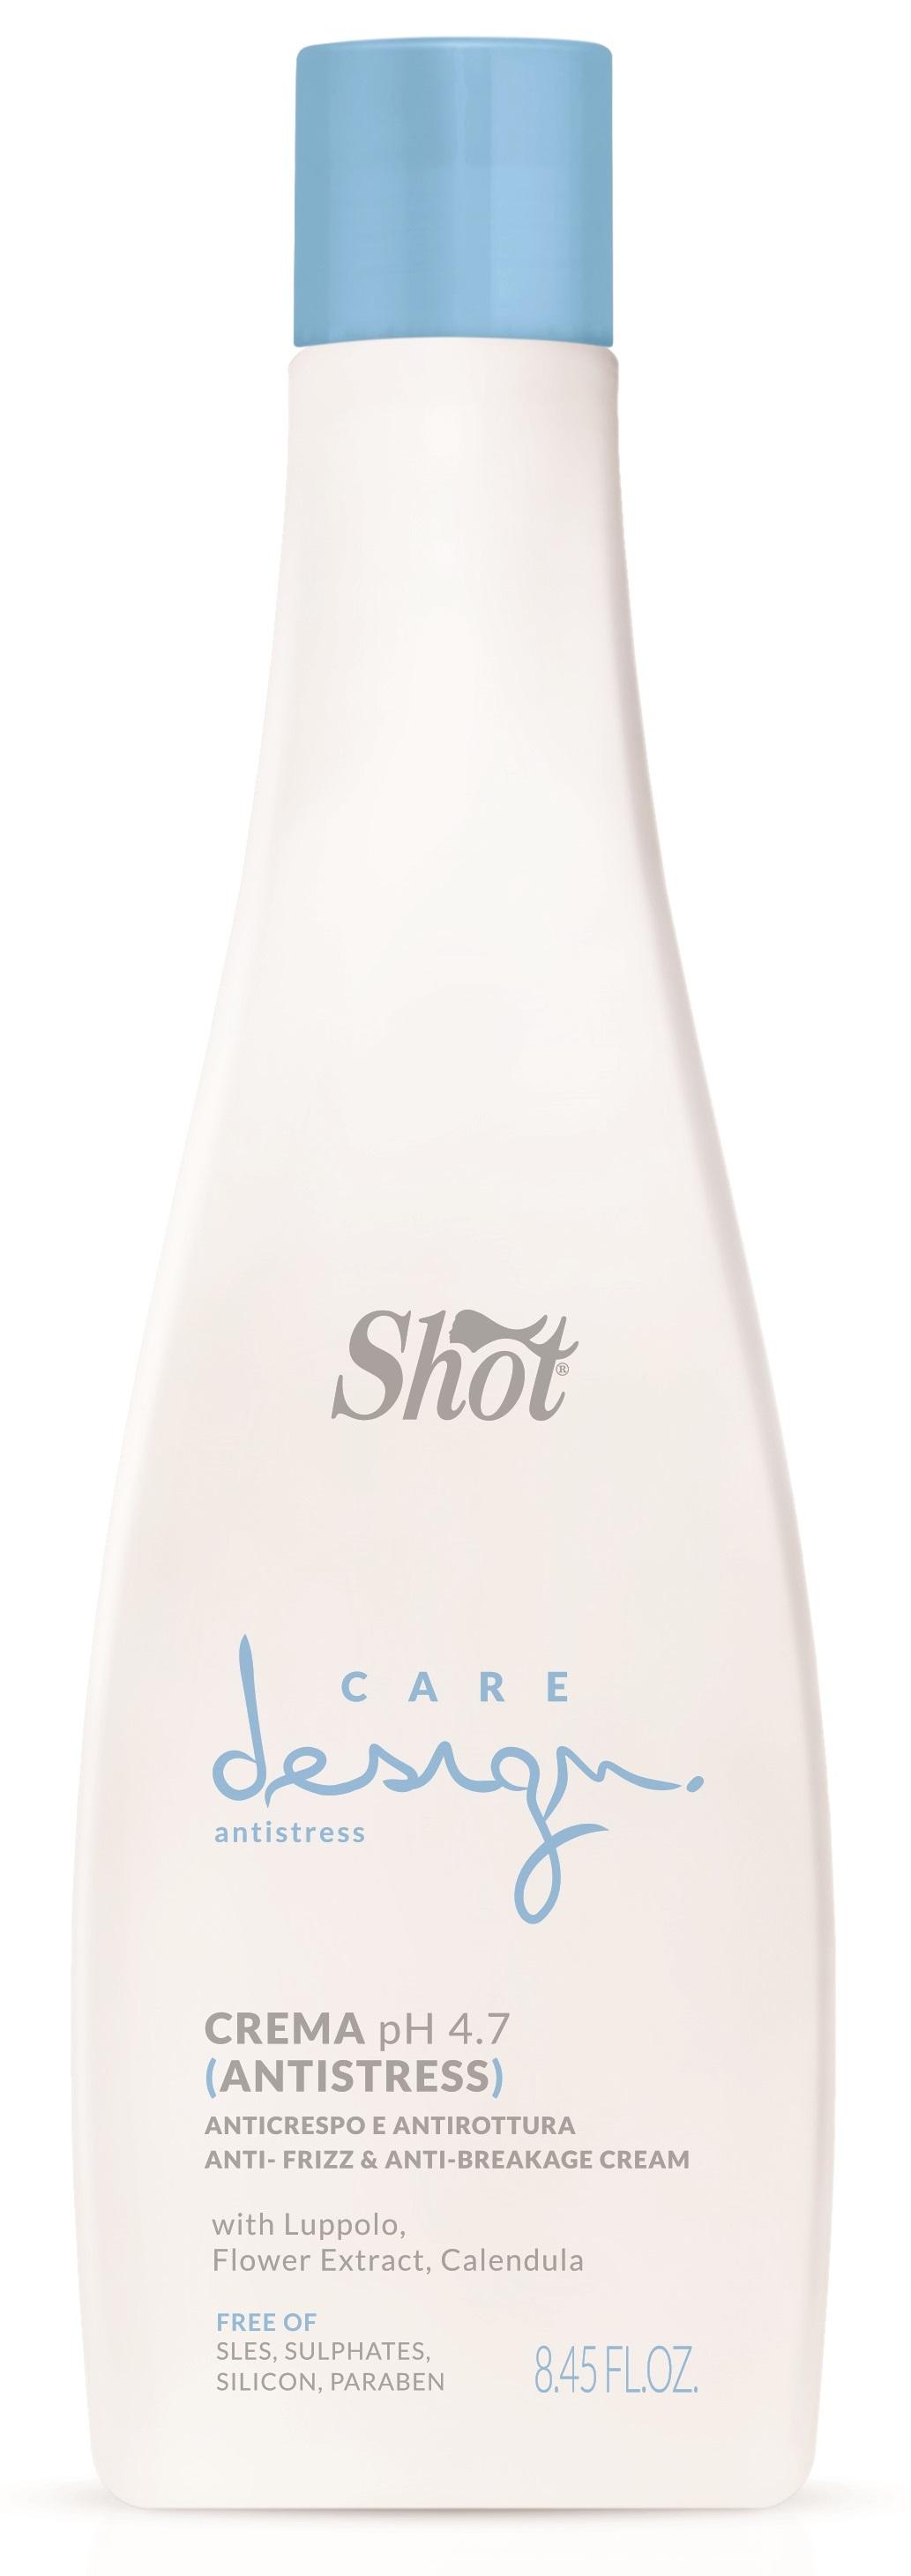 SHOT Крем антистресс против ломкости / Care Design 250 мл - Кремы